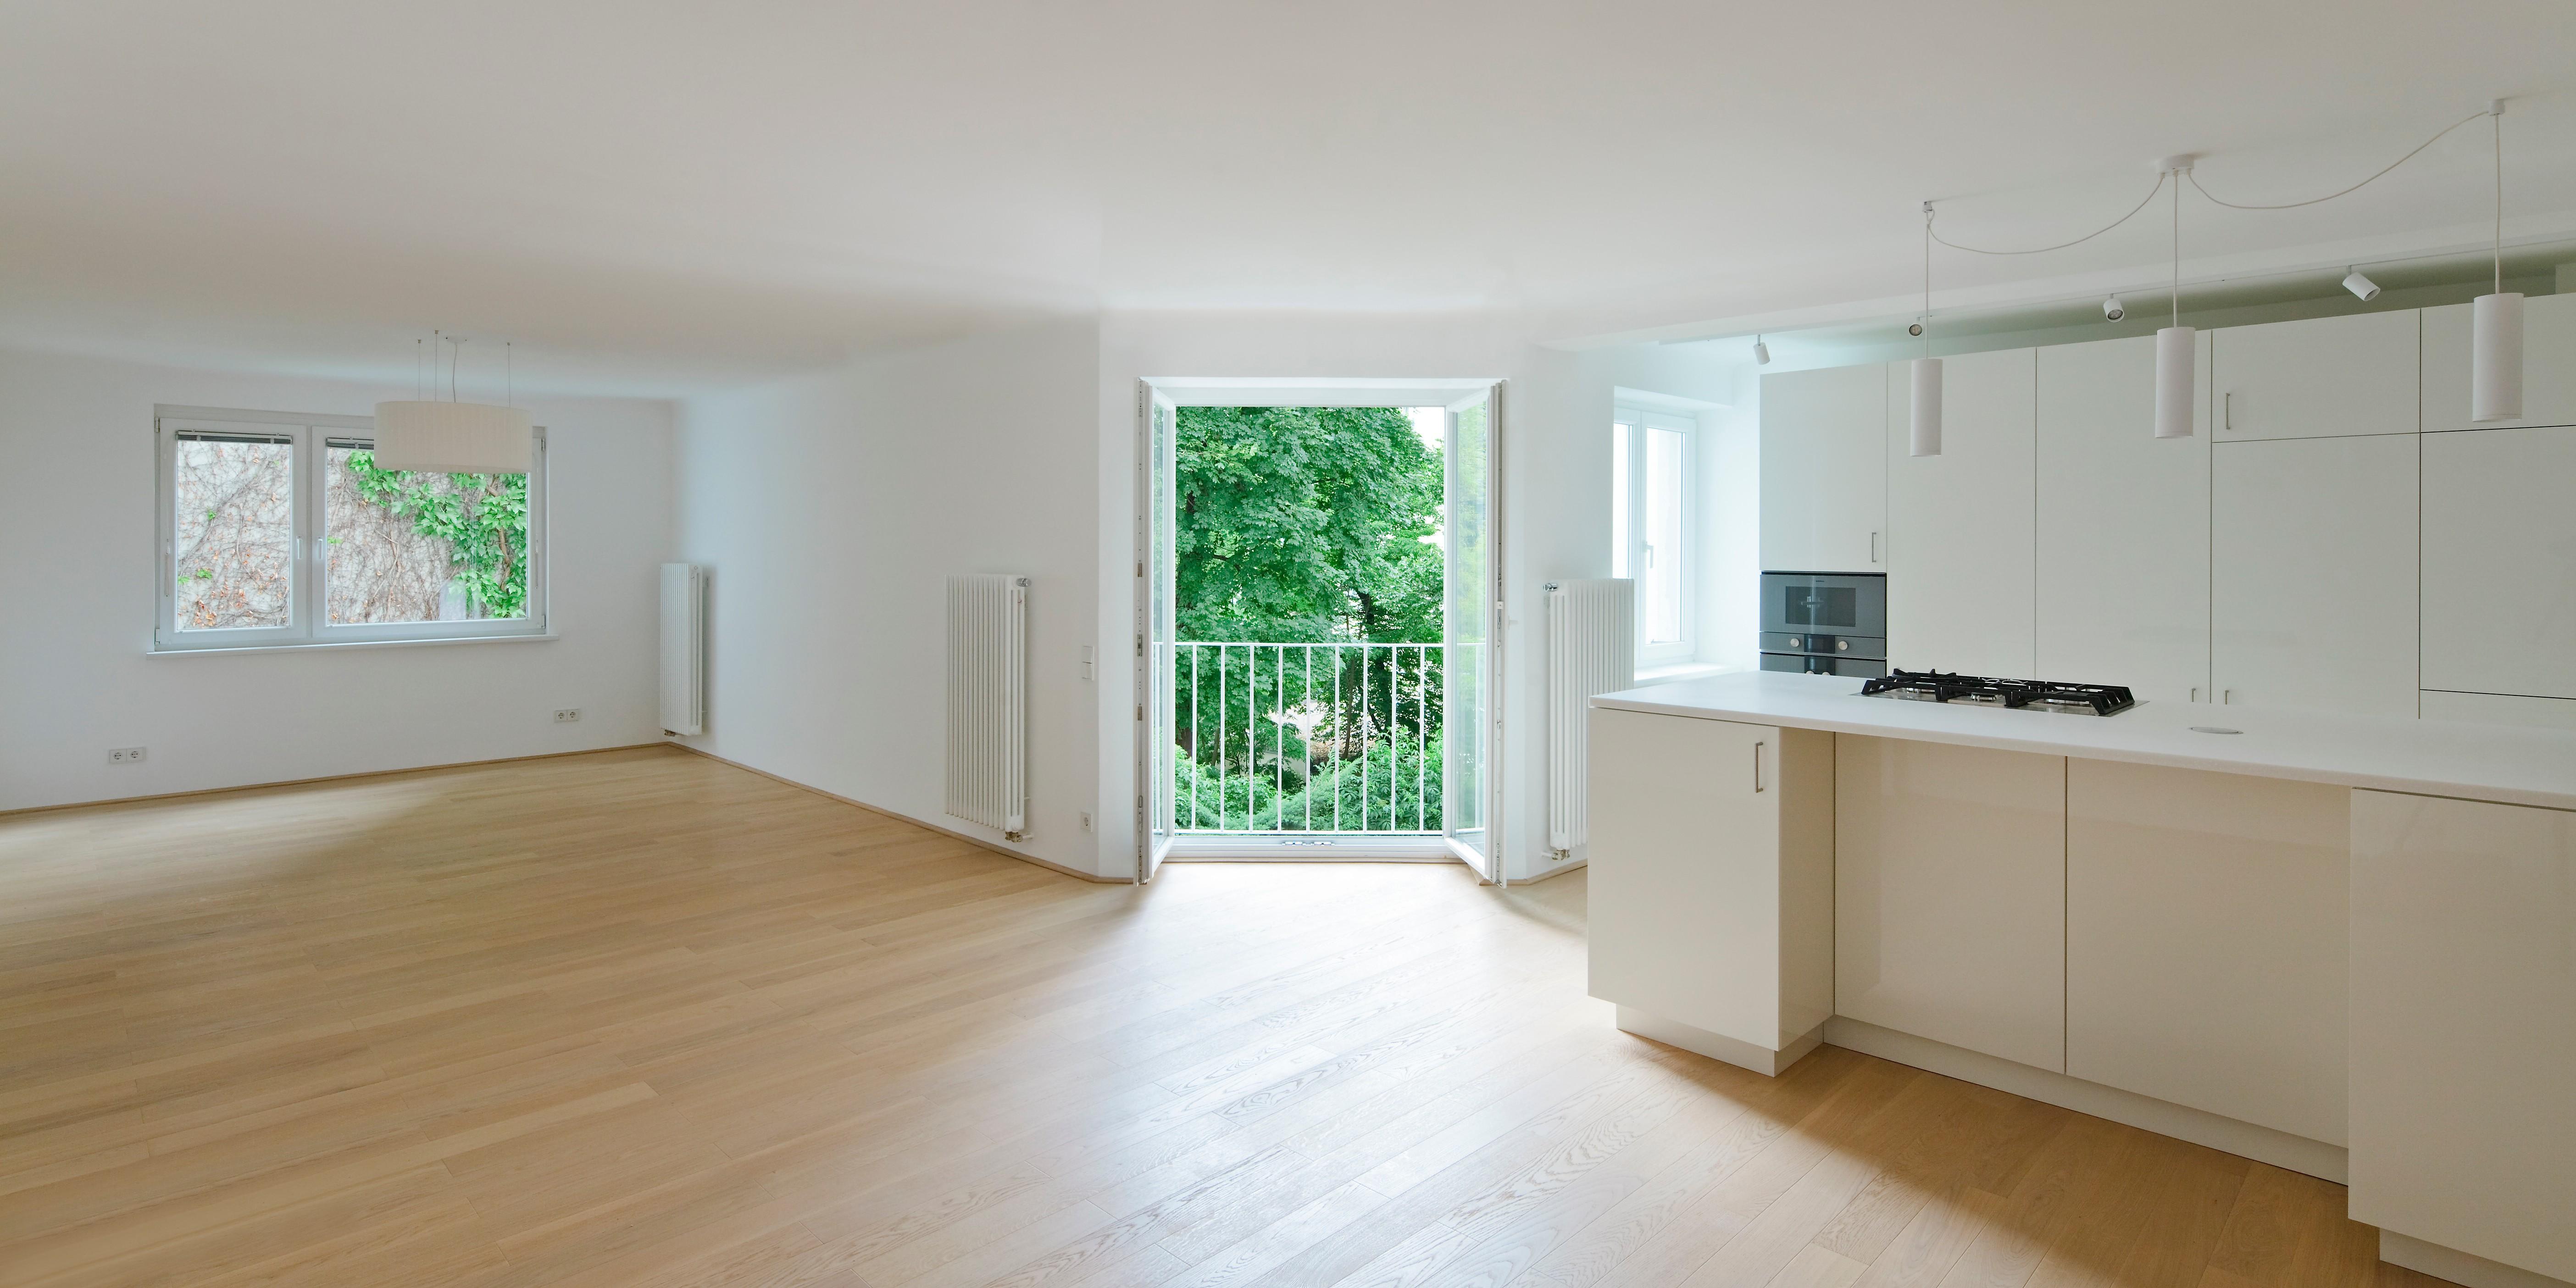 © RUNSER / PRANTL architekten, Wohnung P., 1040 Wien, Österreich, 2015, Wohnung, Bad, Fotograf Rupert Steiner